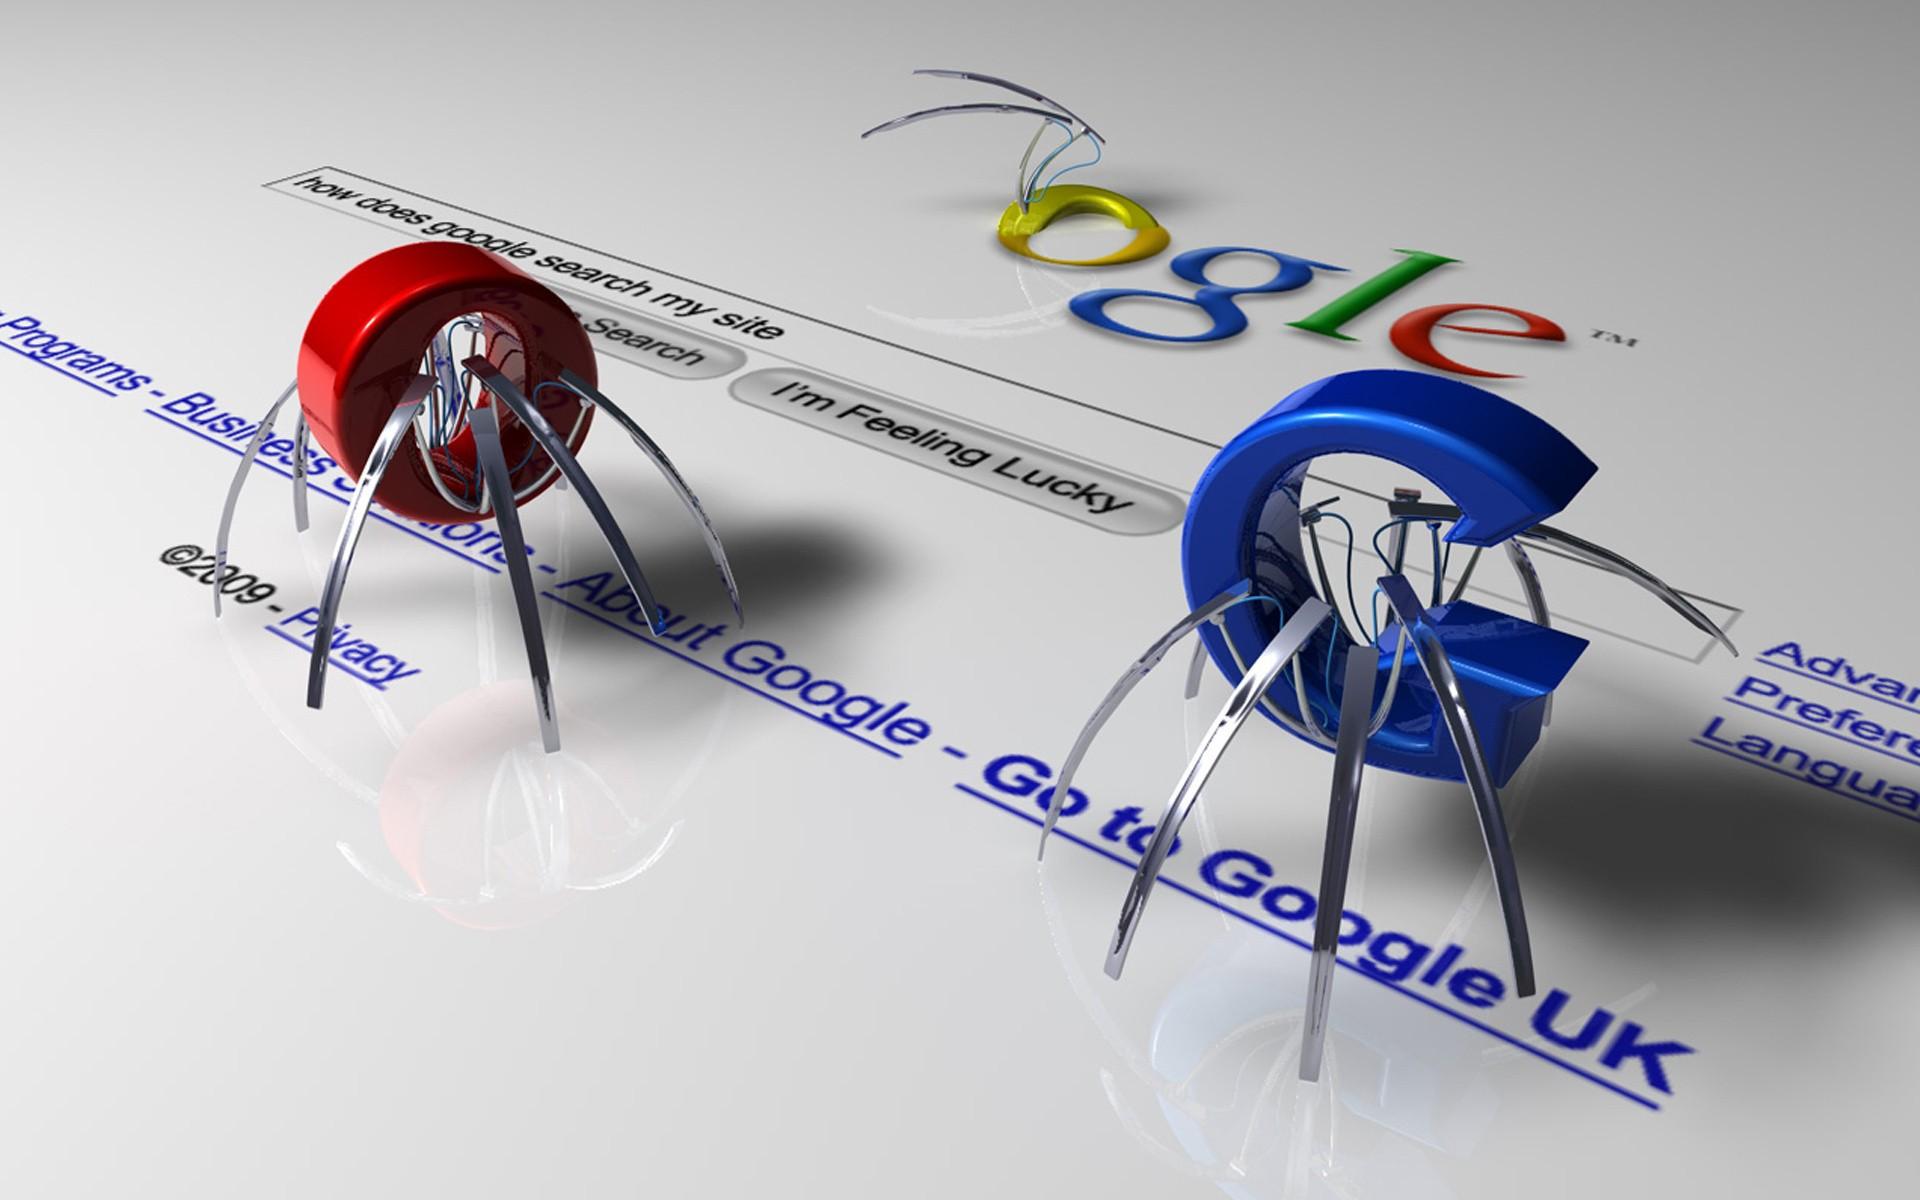 Học để hiểu đúng Google adwords là gì